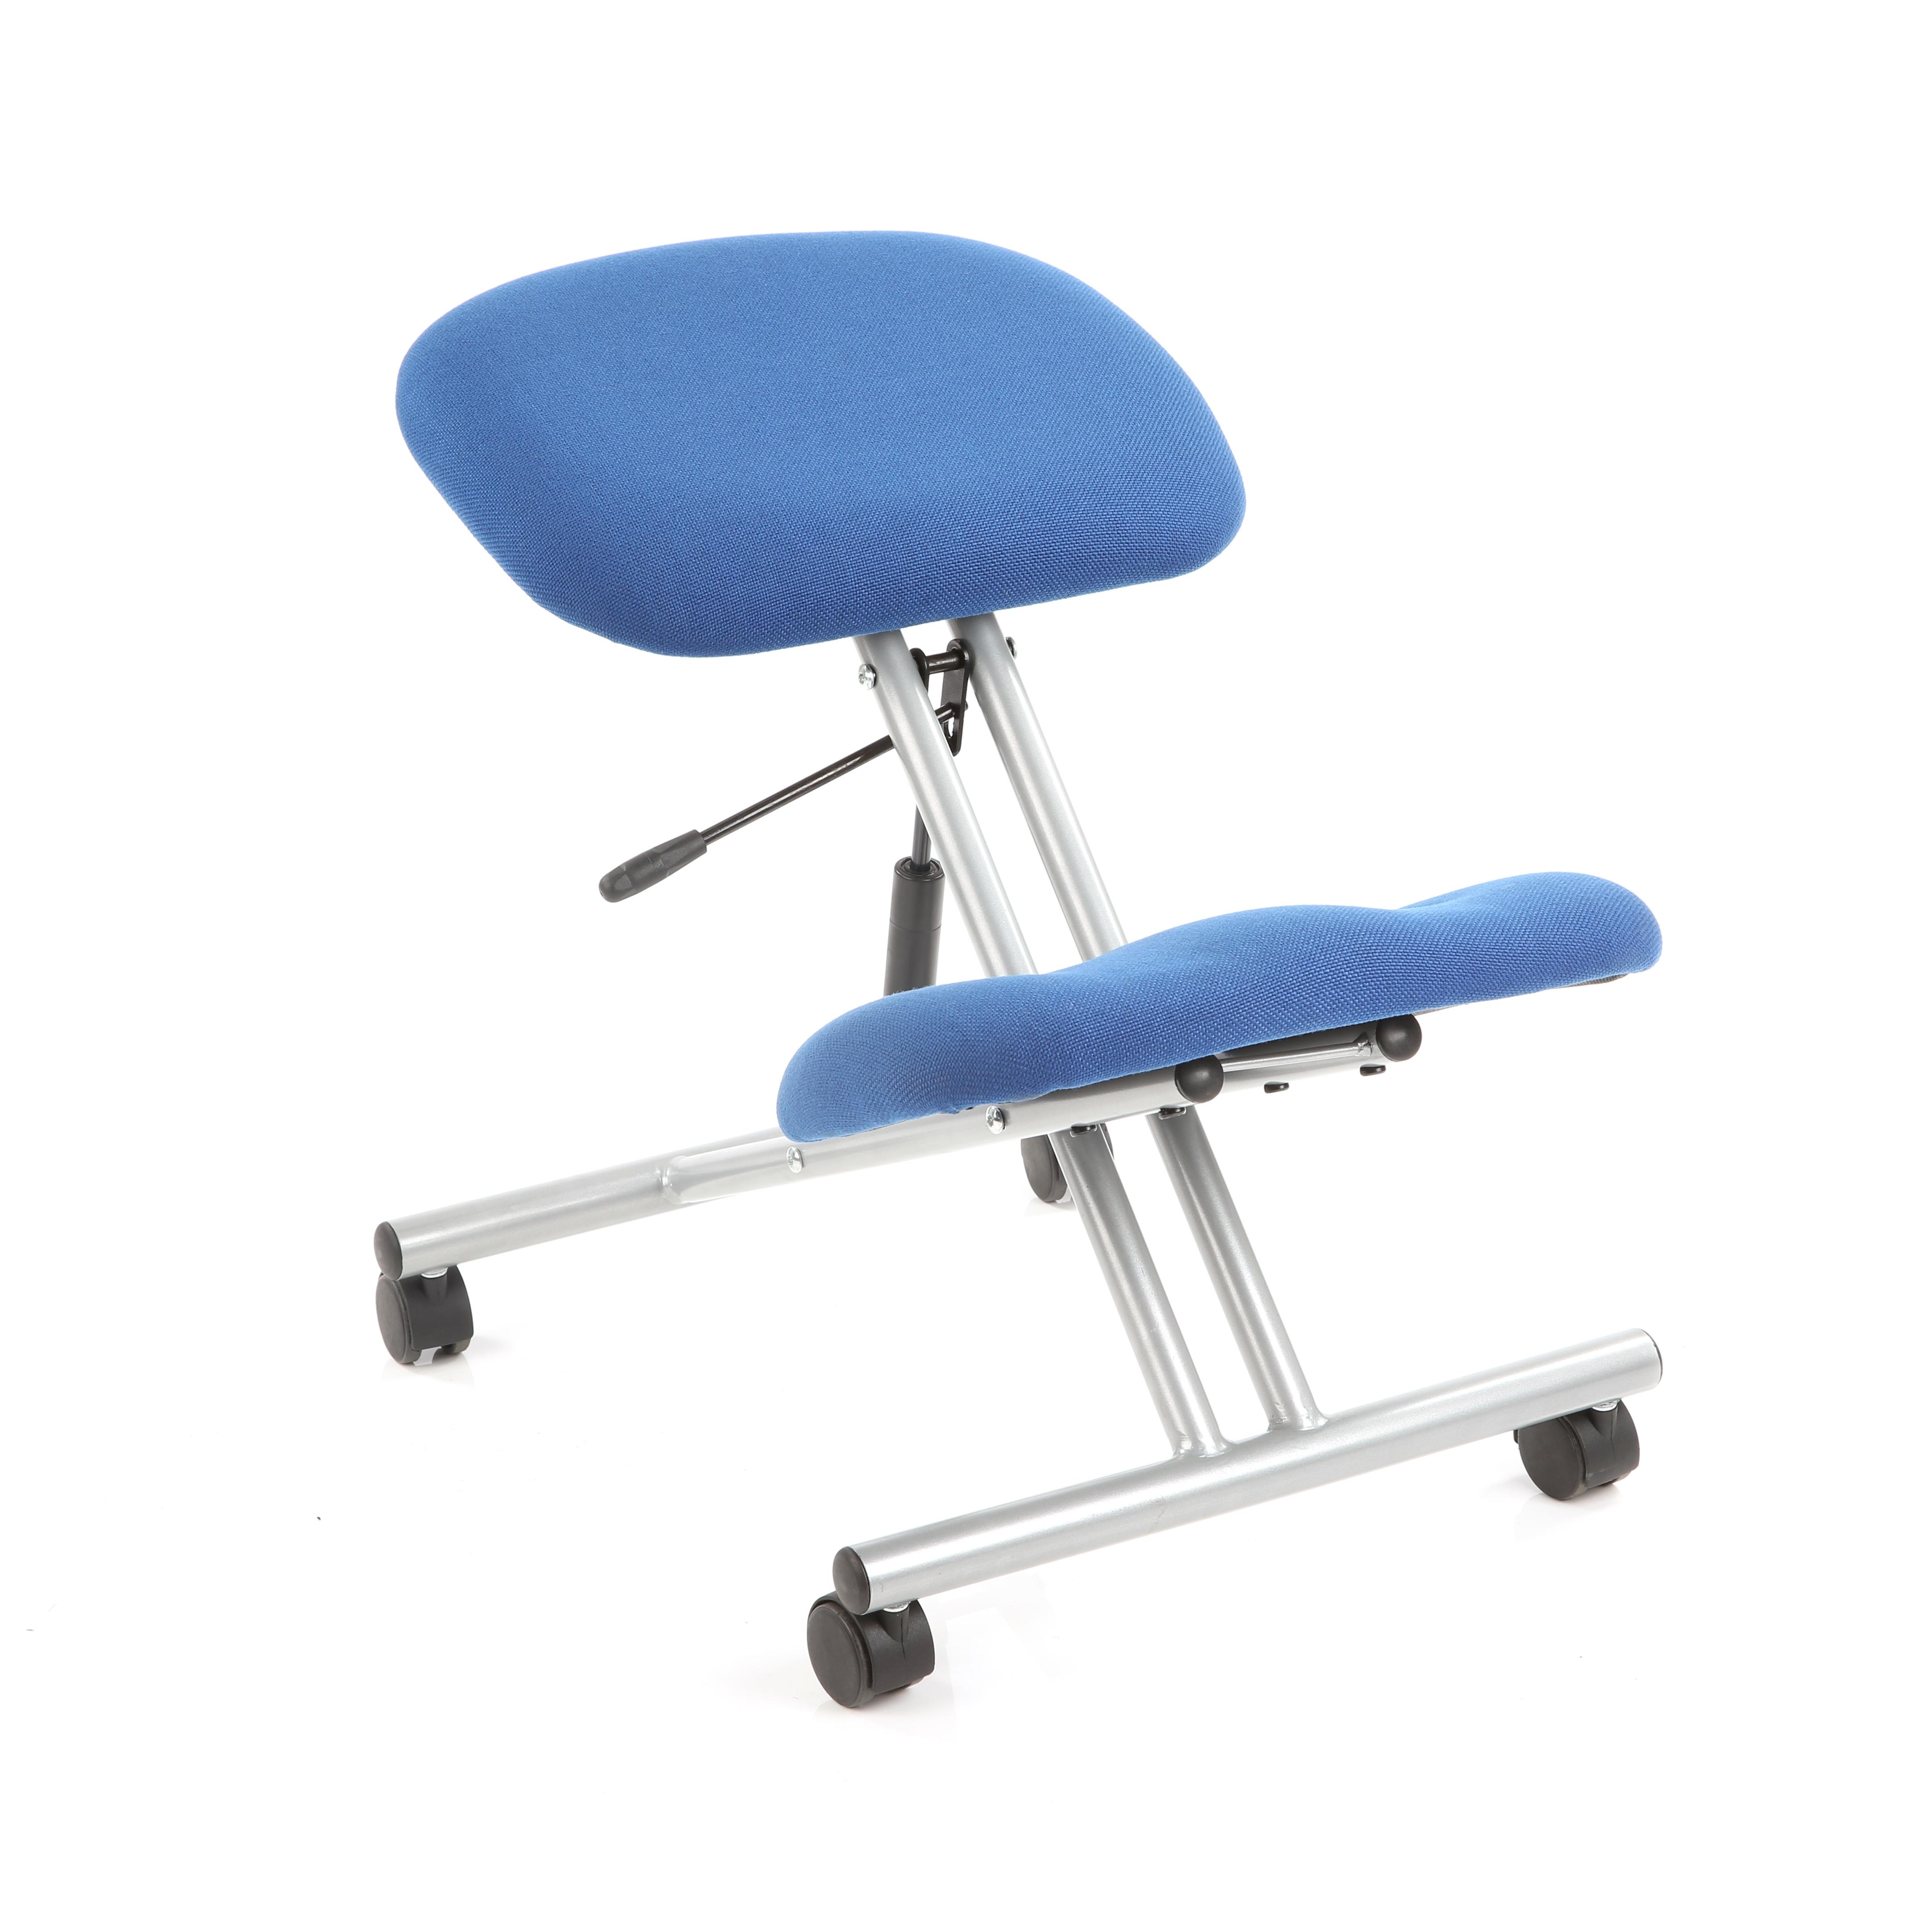 Trexus Kneeling Chair Blue 430x330x480-620mm Ref OP000071